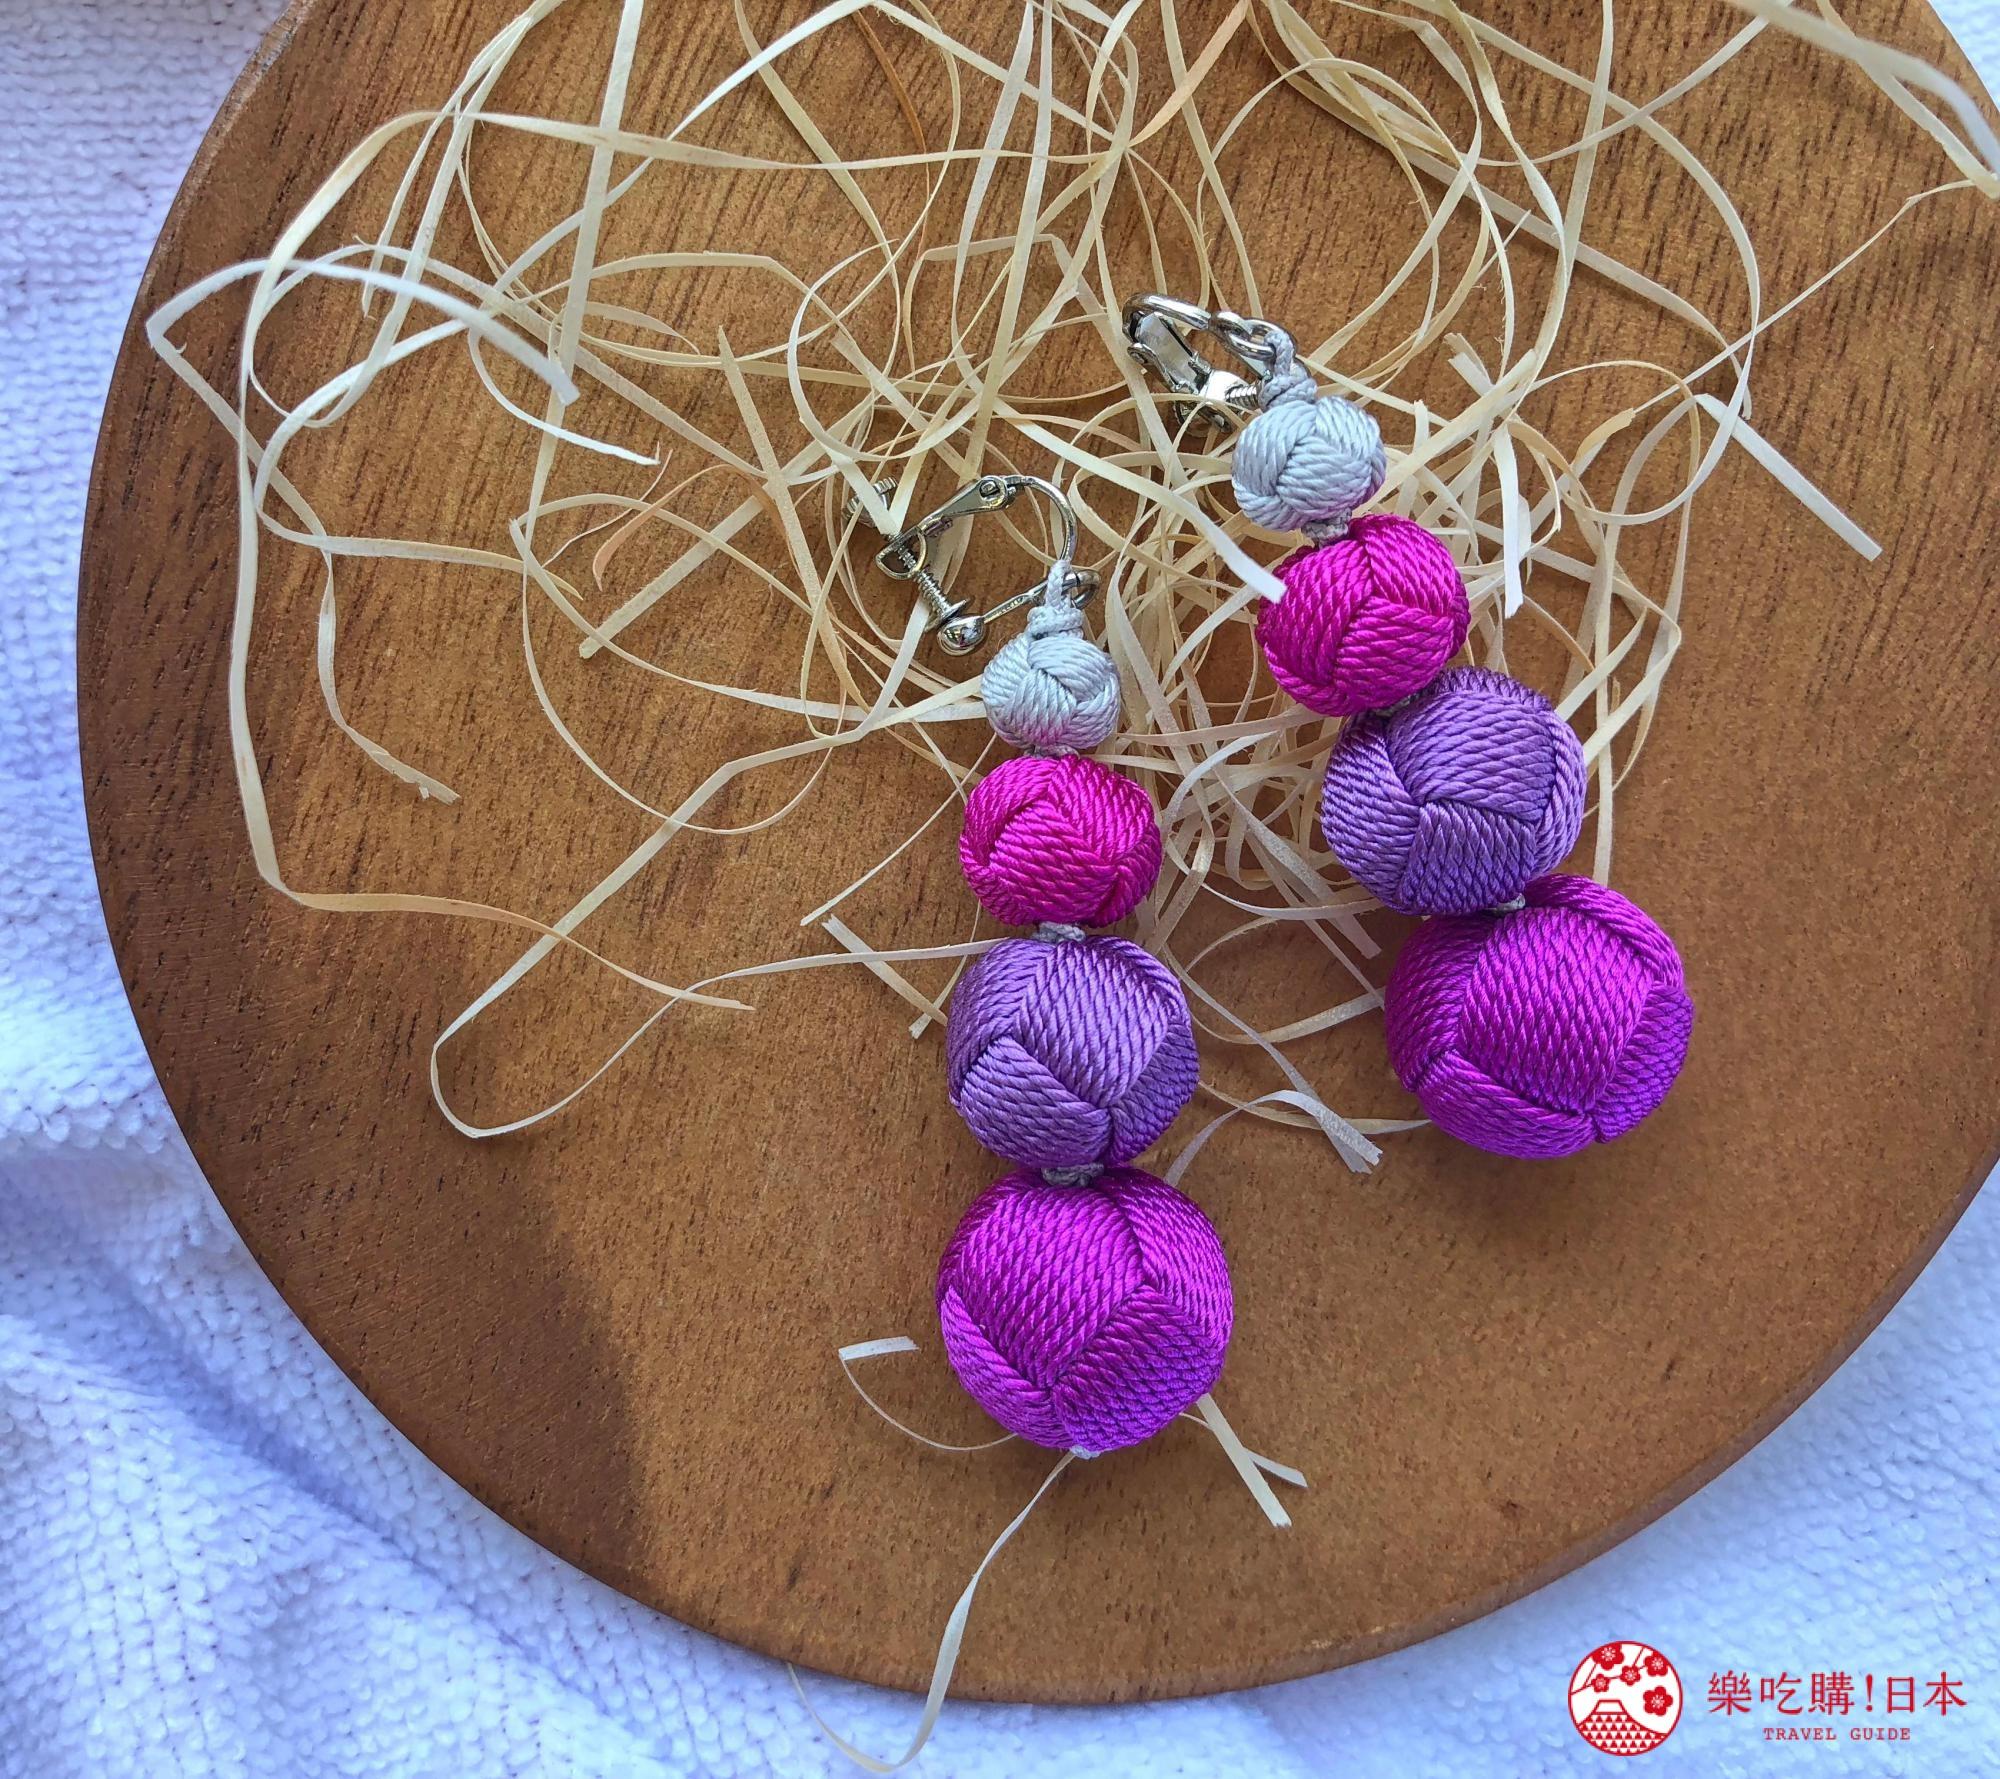 日本樂桃人氣原創設計商品的組紐編繩夾式耳環成串款遠照